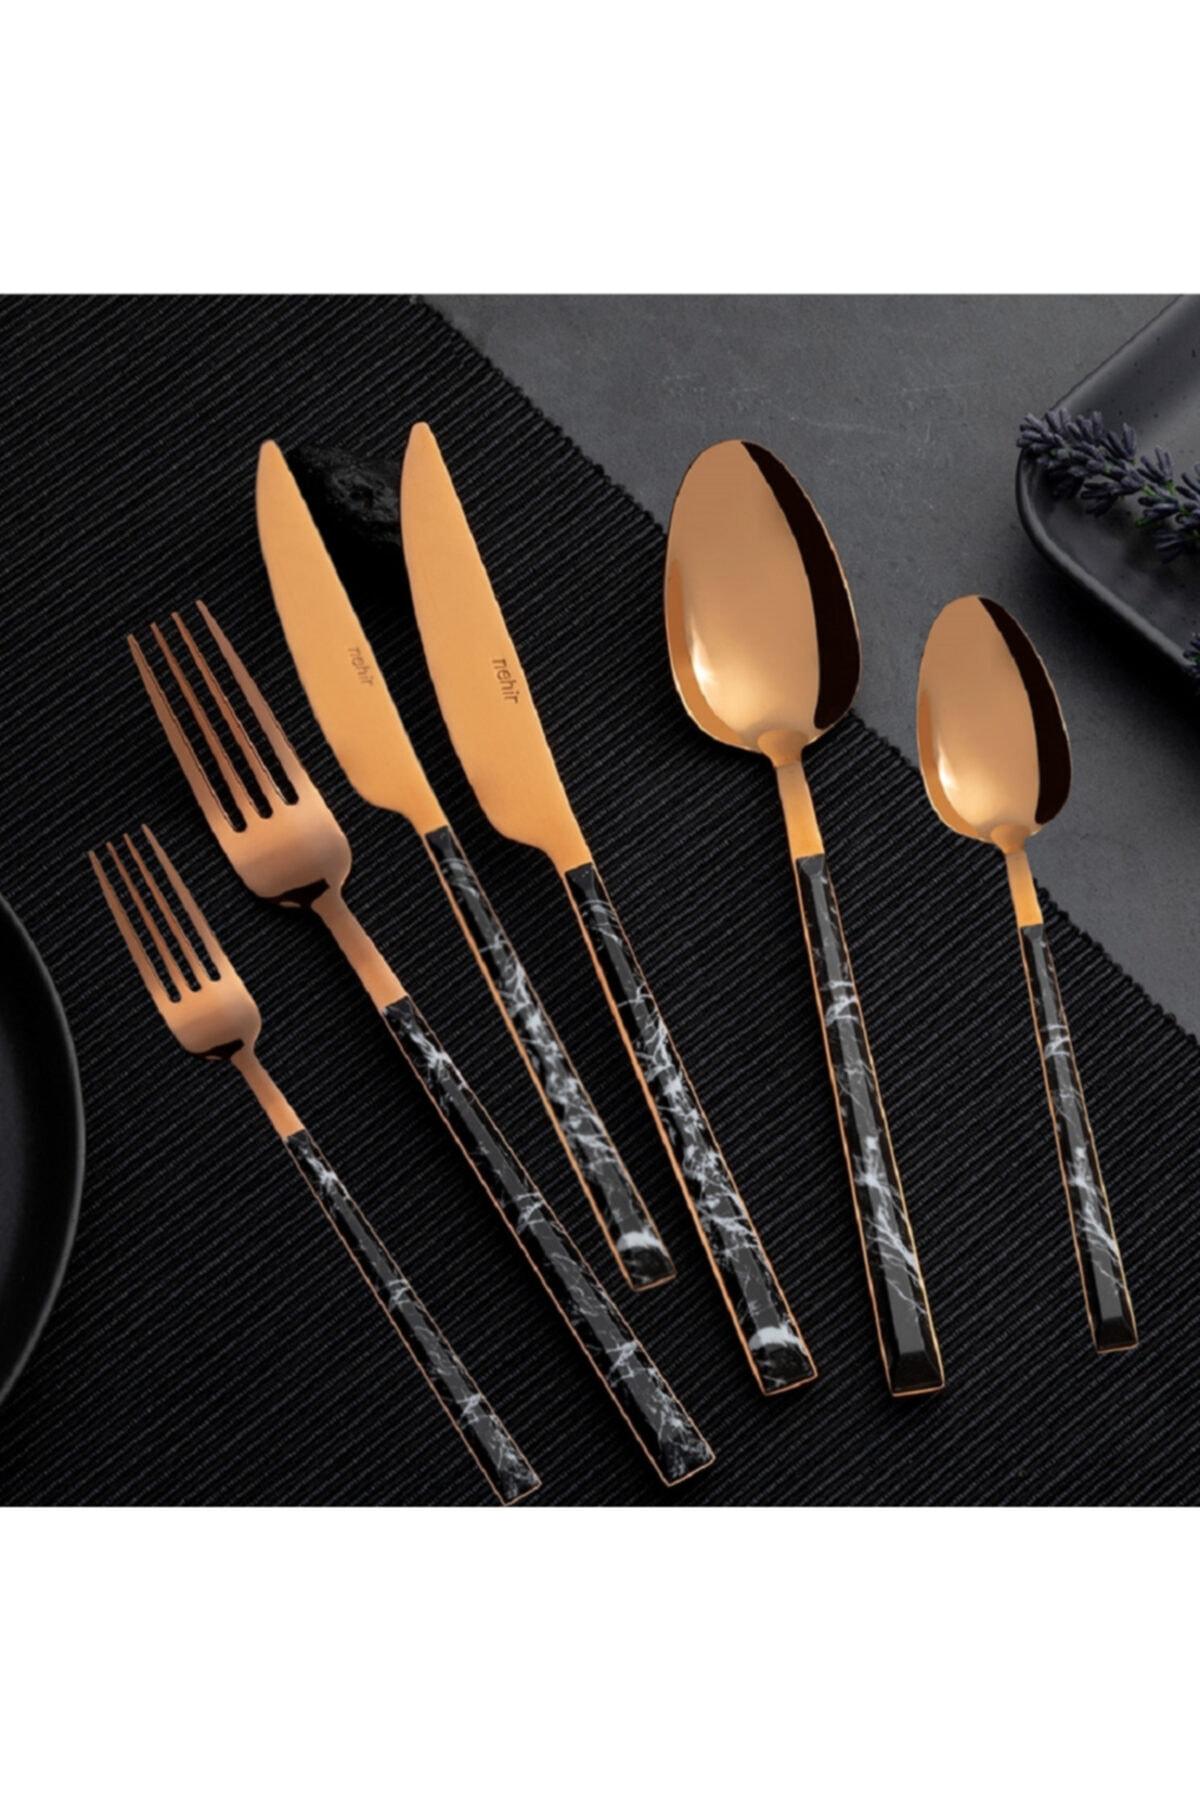 Gold Besteck Gabeln Messer Löffel 36PCS Edelstahl Abendessen Geschirr lila-8046 Set Gabel Löffel Messer Stäbchen